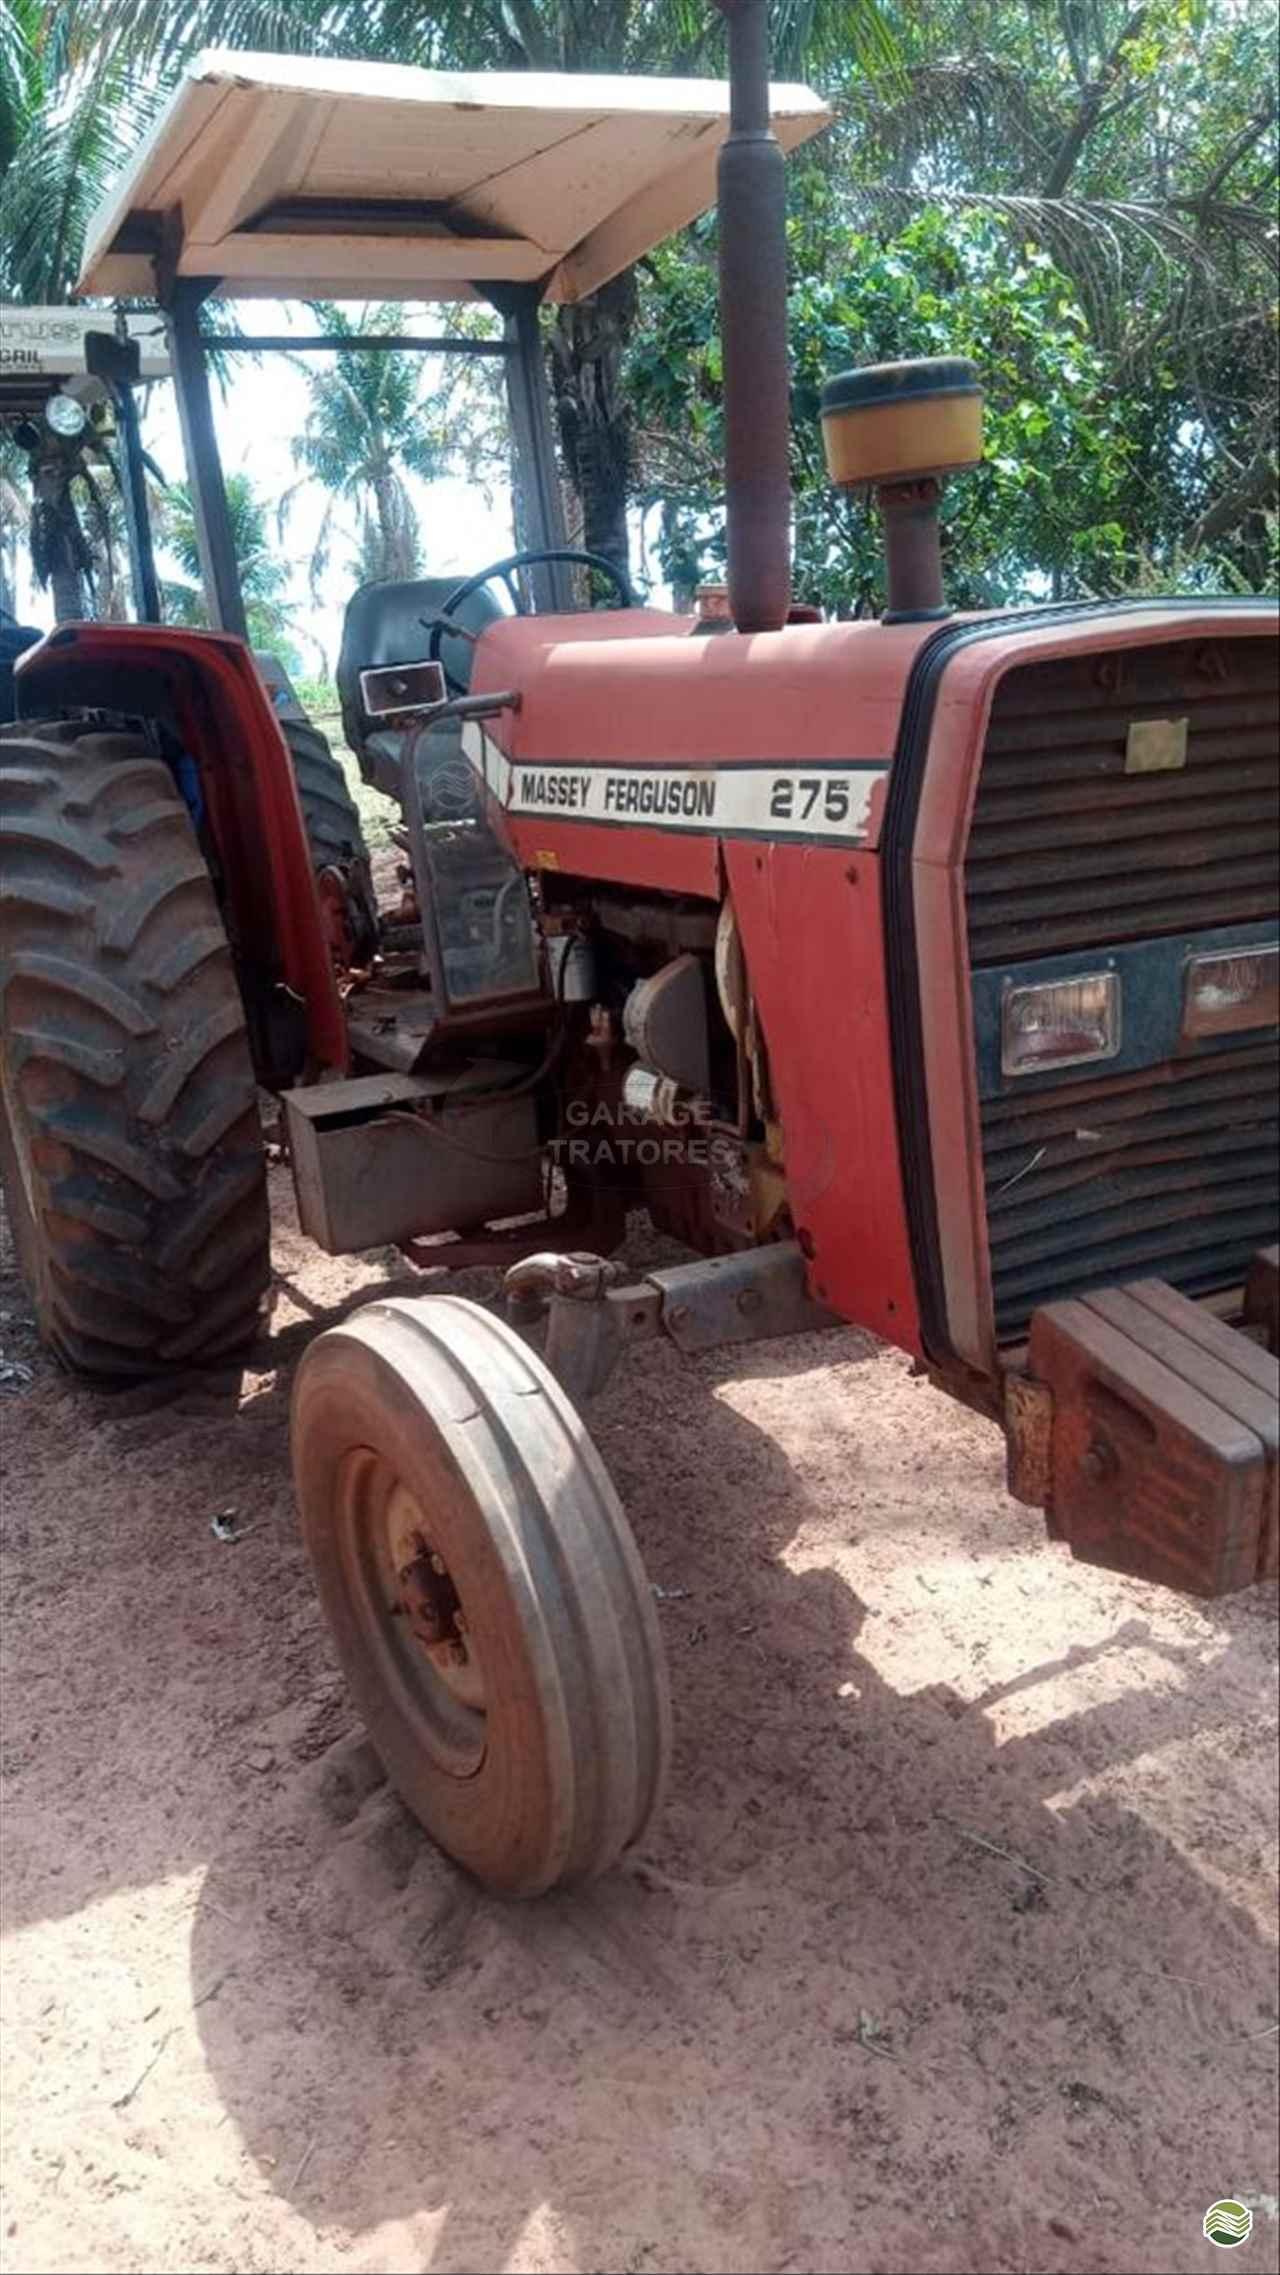 TRATOR MASSEY FERGUSON MF 275 Tração 4x2 Garage Tratores ARAGUARI MINAS GERAIS MG